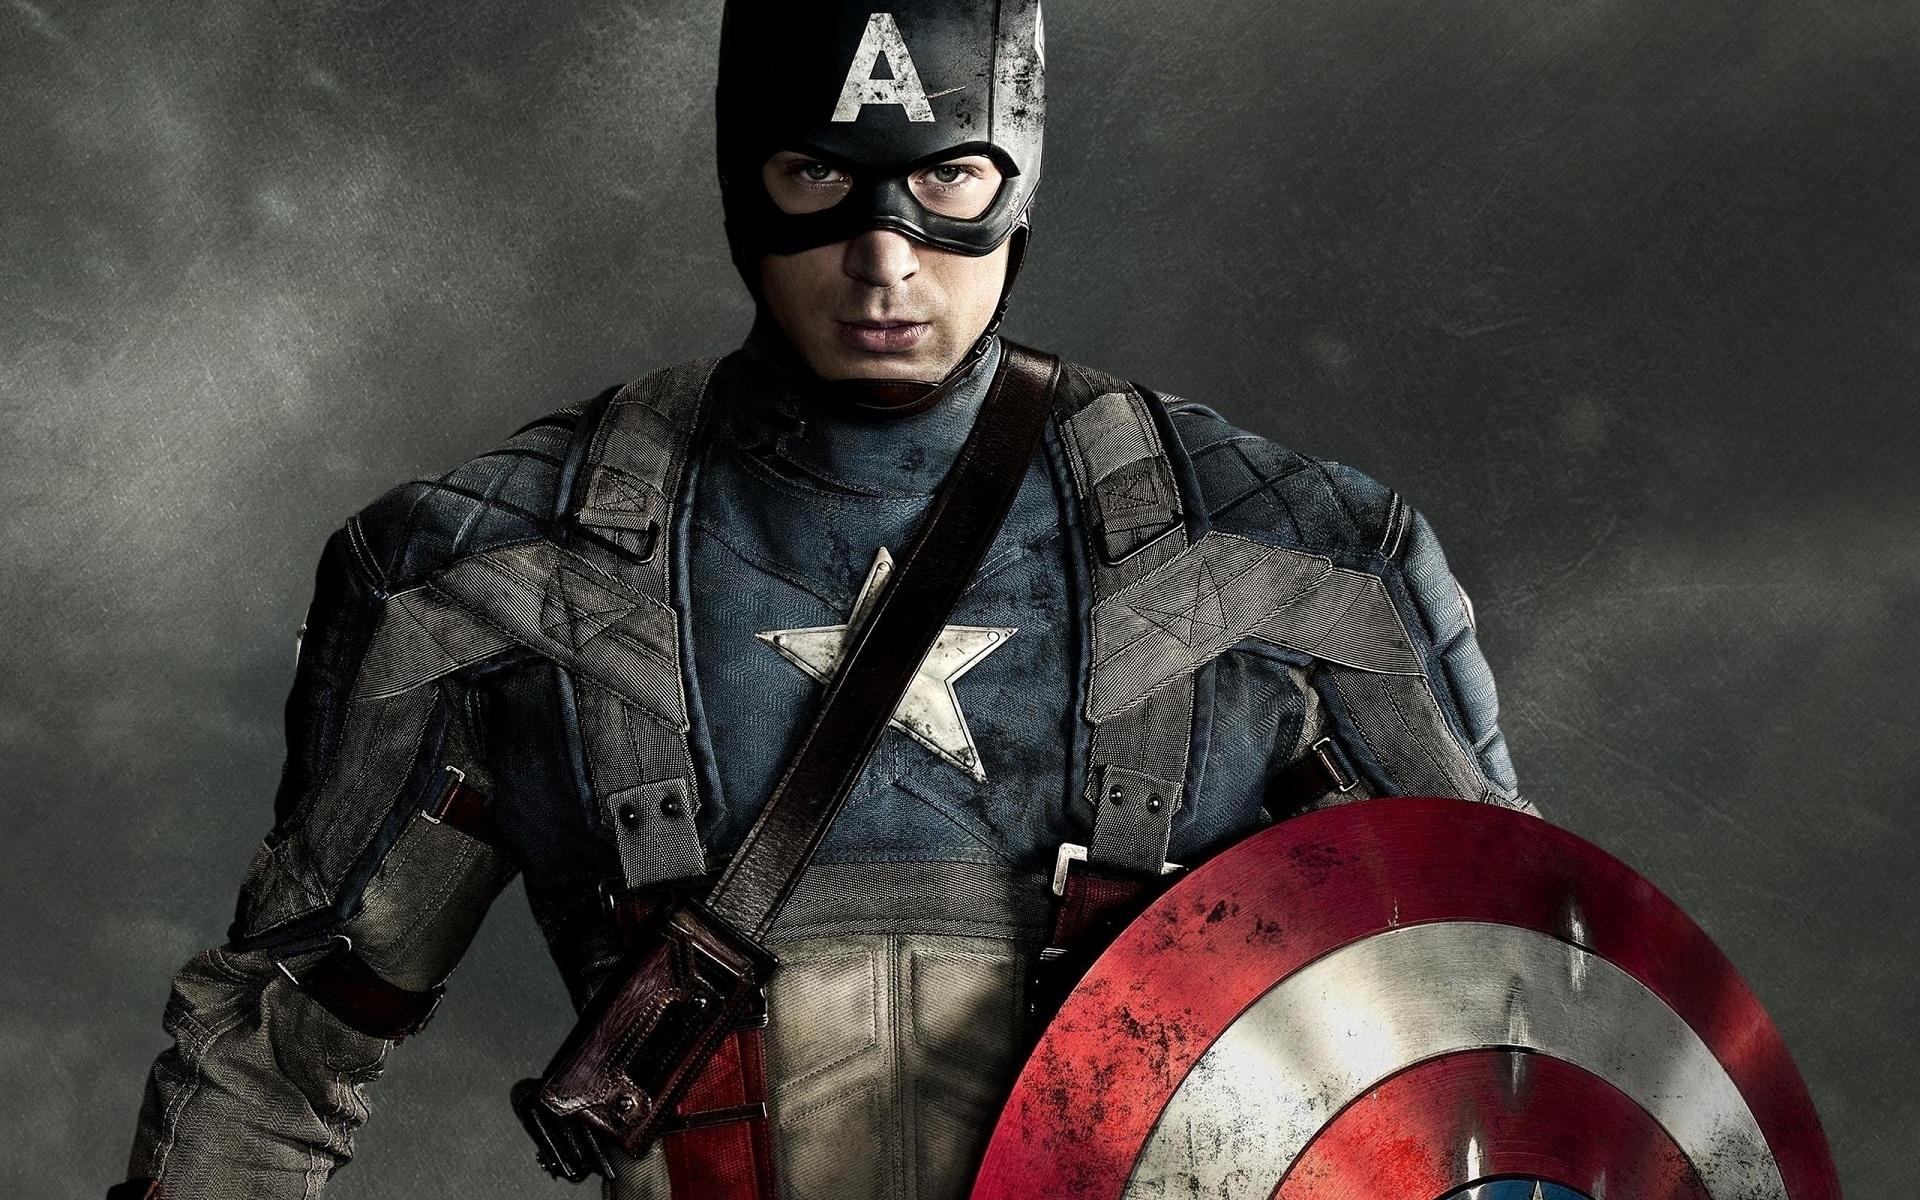 captain america wallpaper for desktop1 23 1920x1200